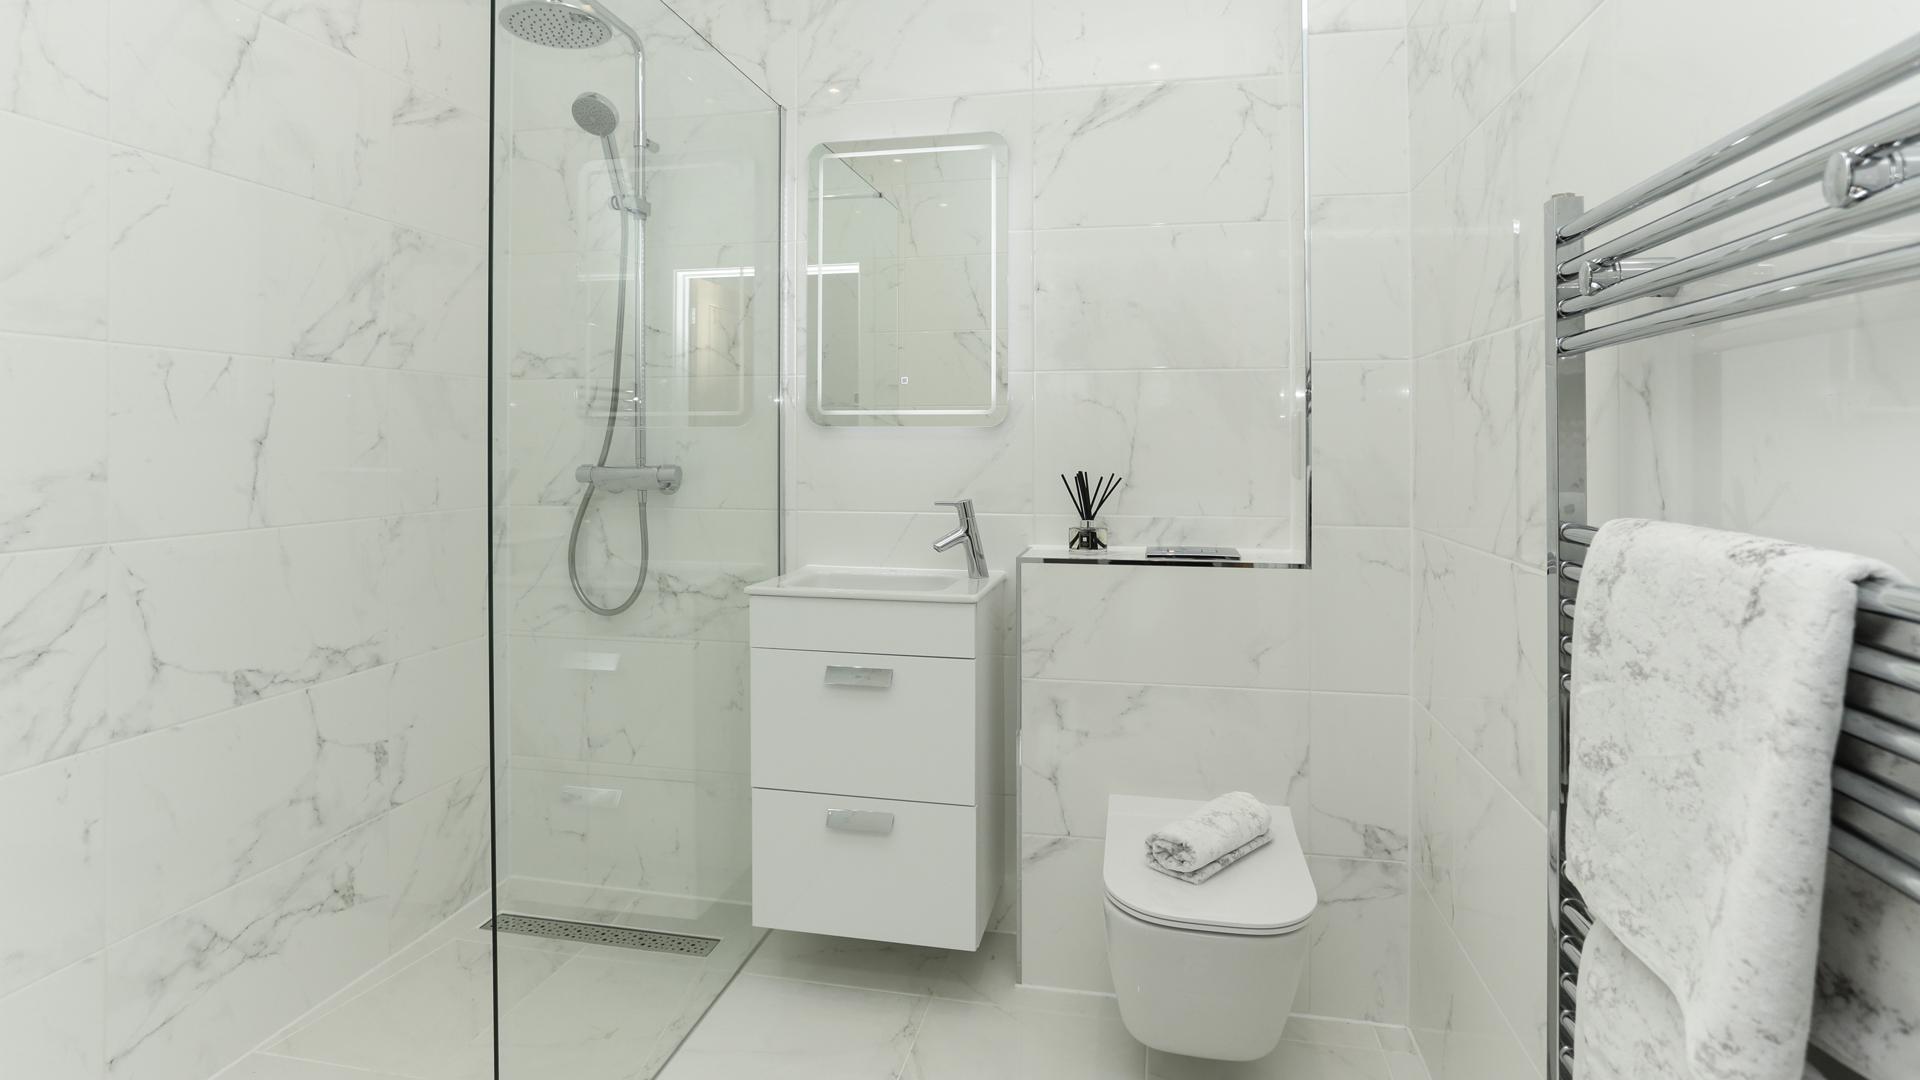 Cobnut Park plot 6 shower room with white Porcelanosa tiles